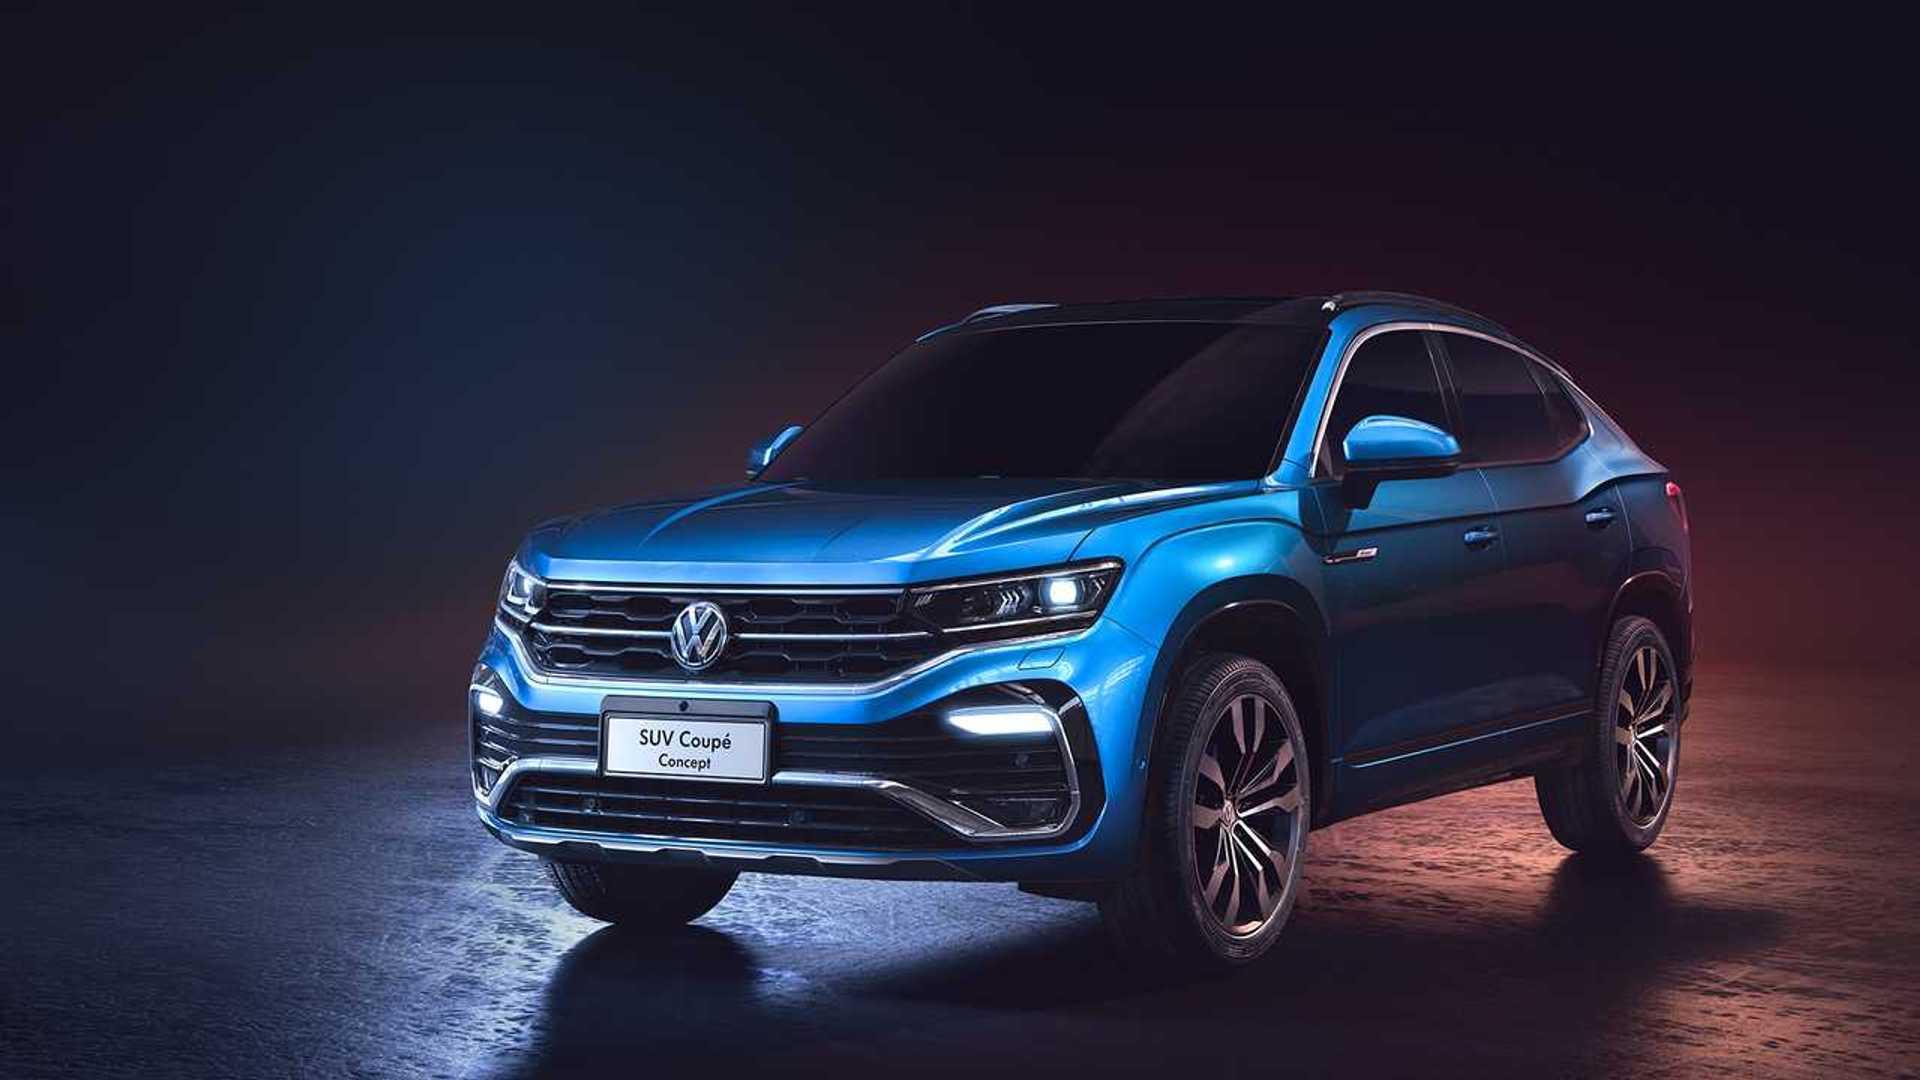 Volkswagen SUV Coupé Concept